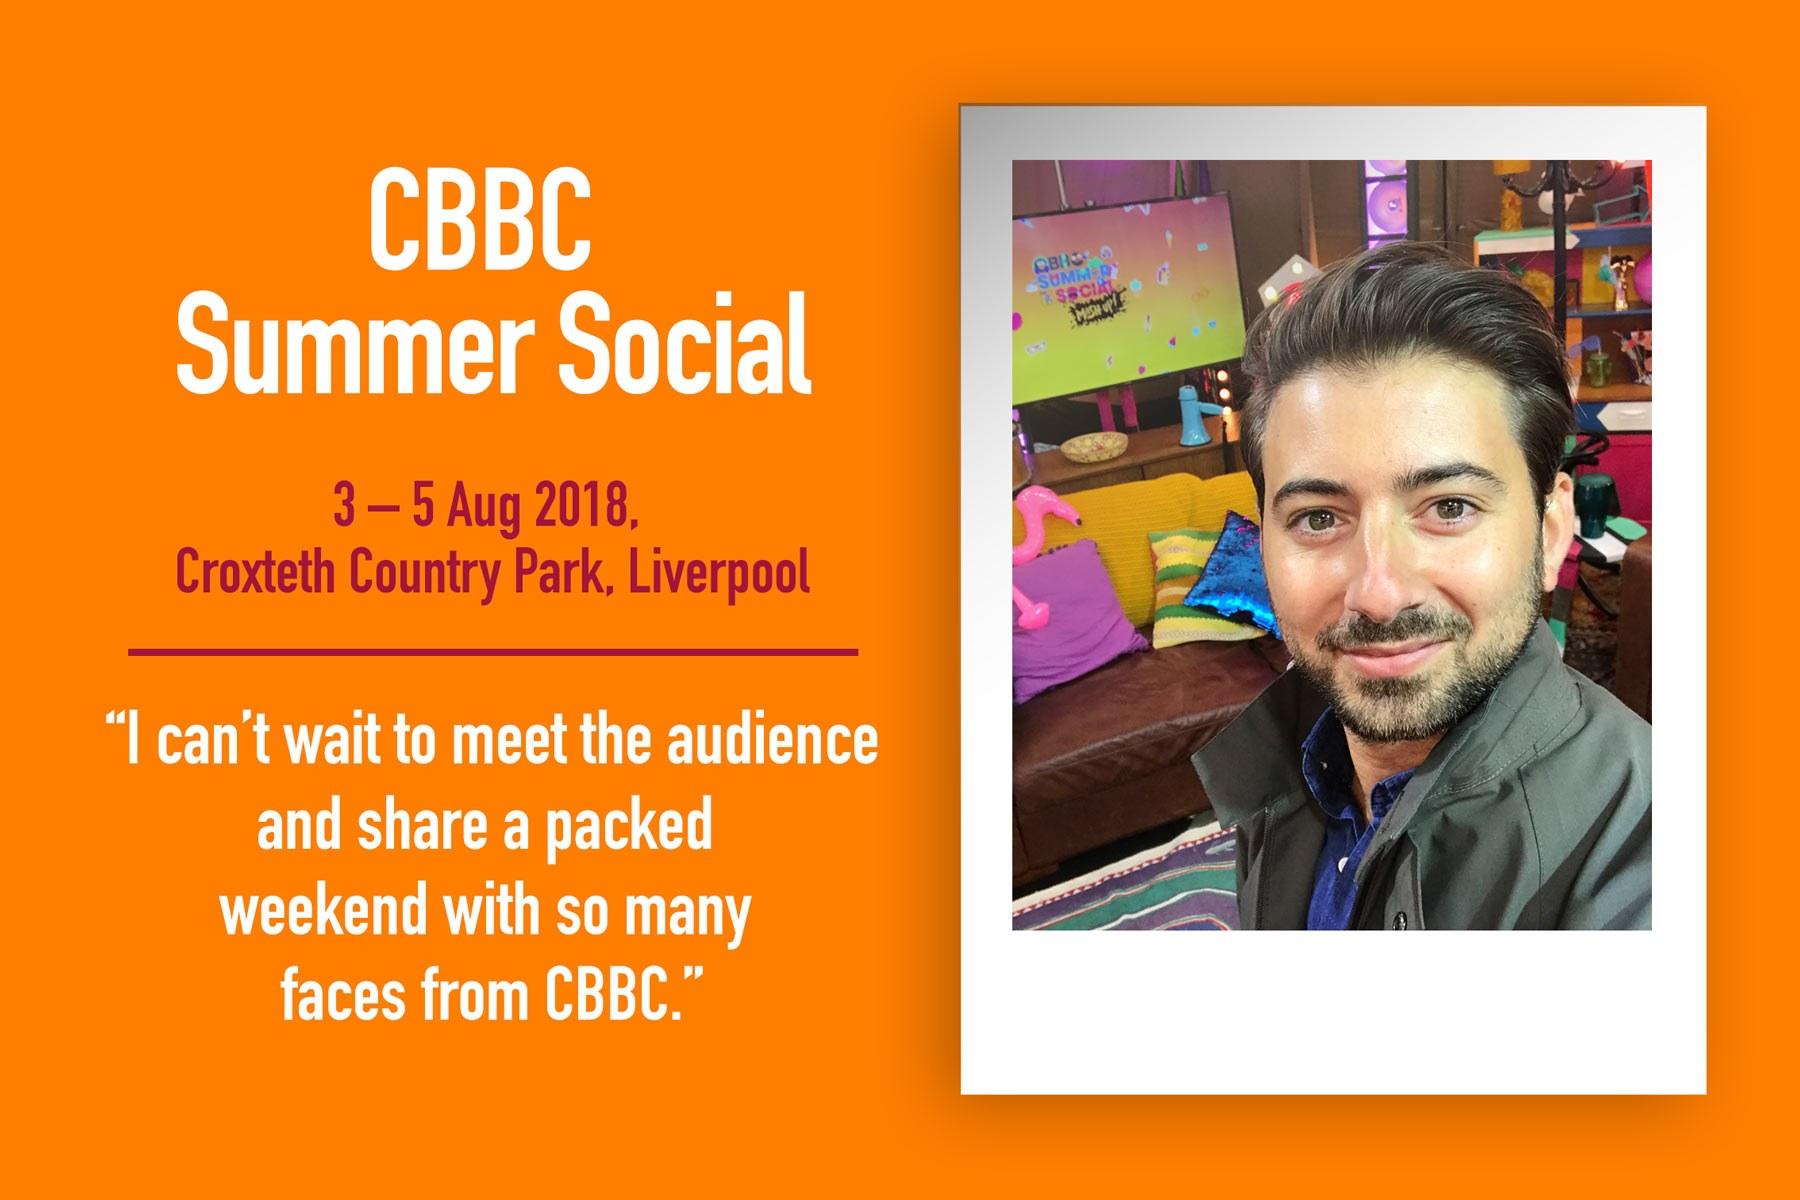 CBBC-Summer-Social-Snap.jpg#asset:364